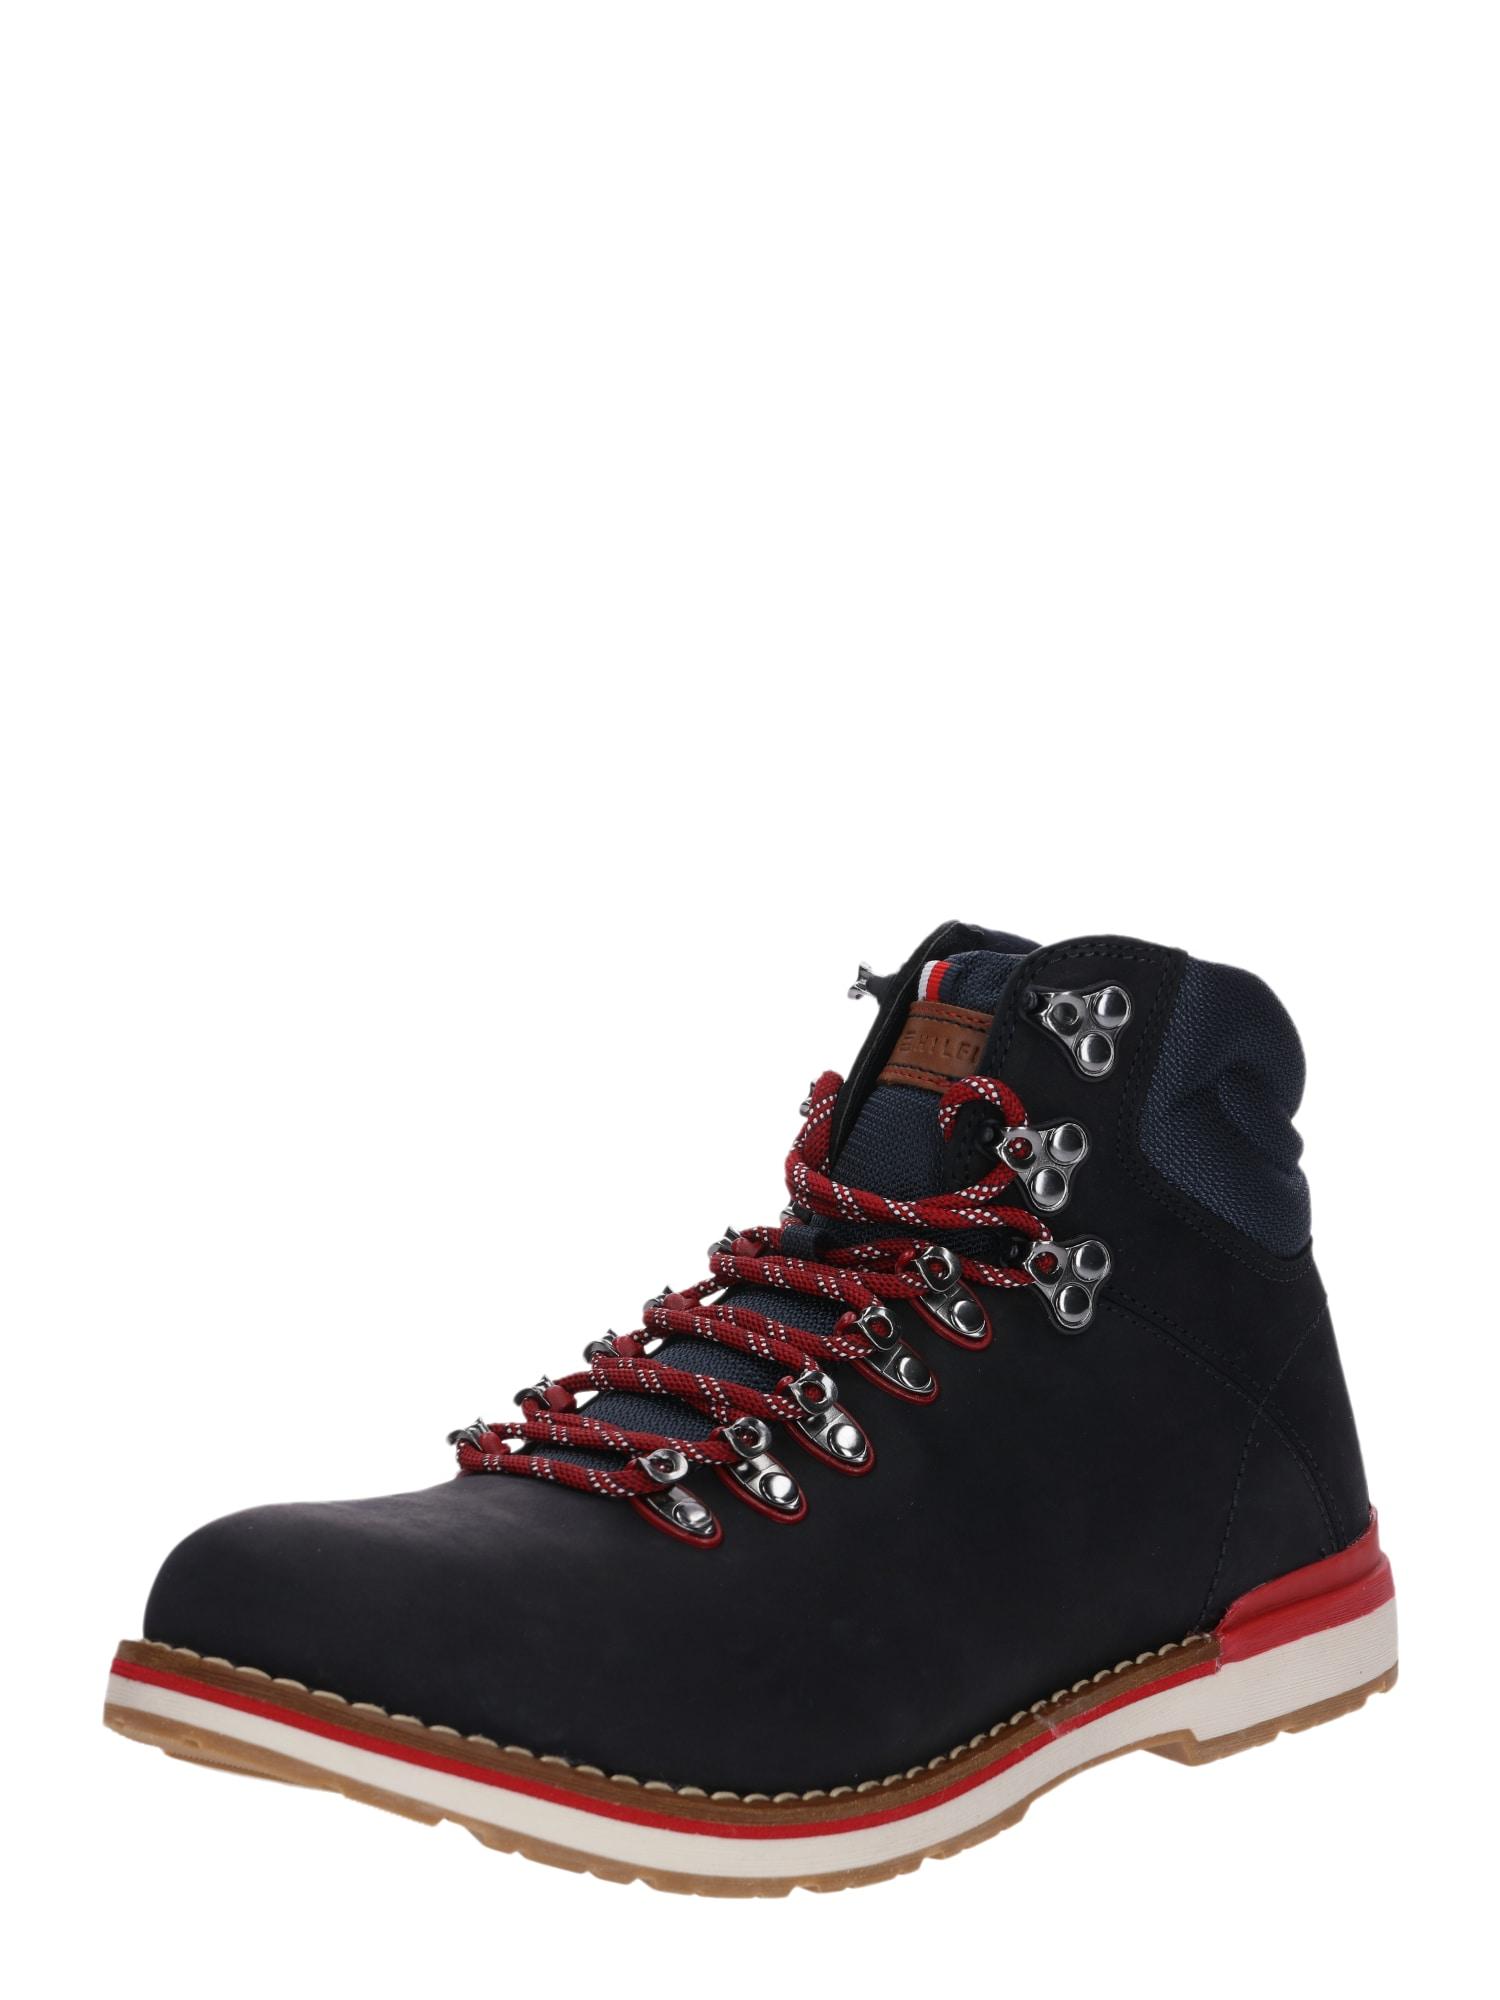 Šněrovací boty OUTDOOR HIKING DETAIL BOOT námořnická modř noční modrá červená TOMMY HILFIGER